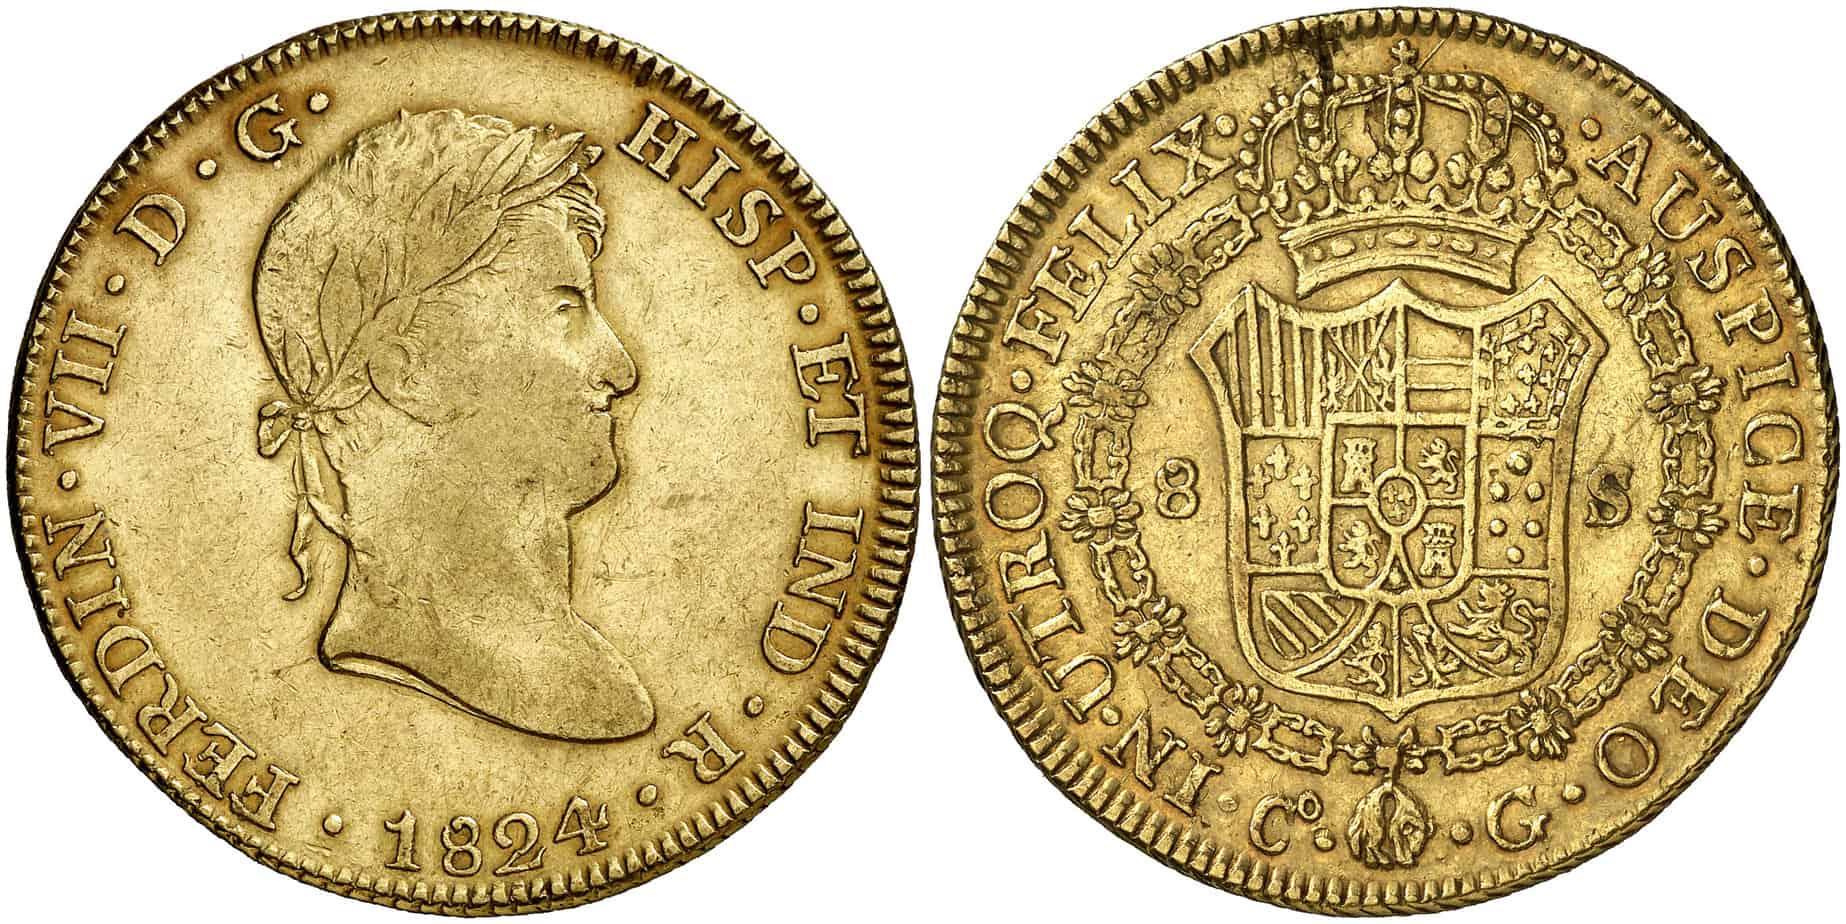 8 escudos Cuzco 1824